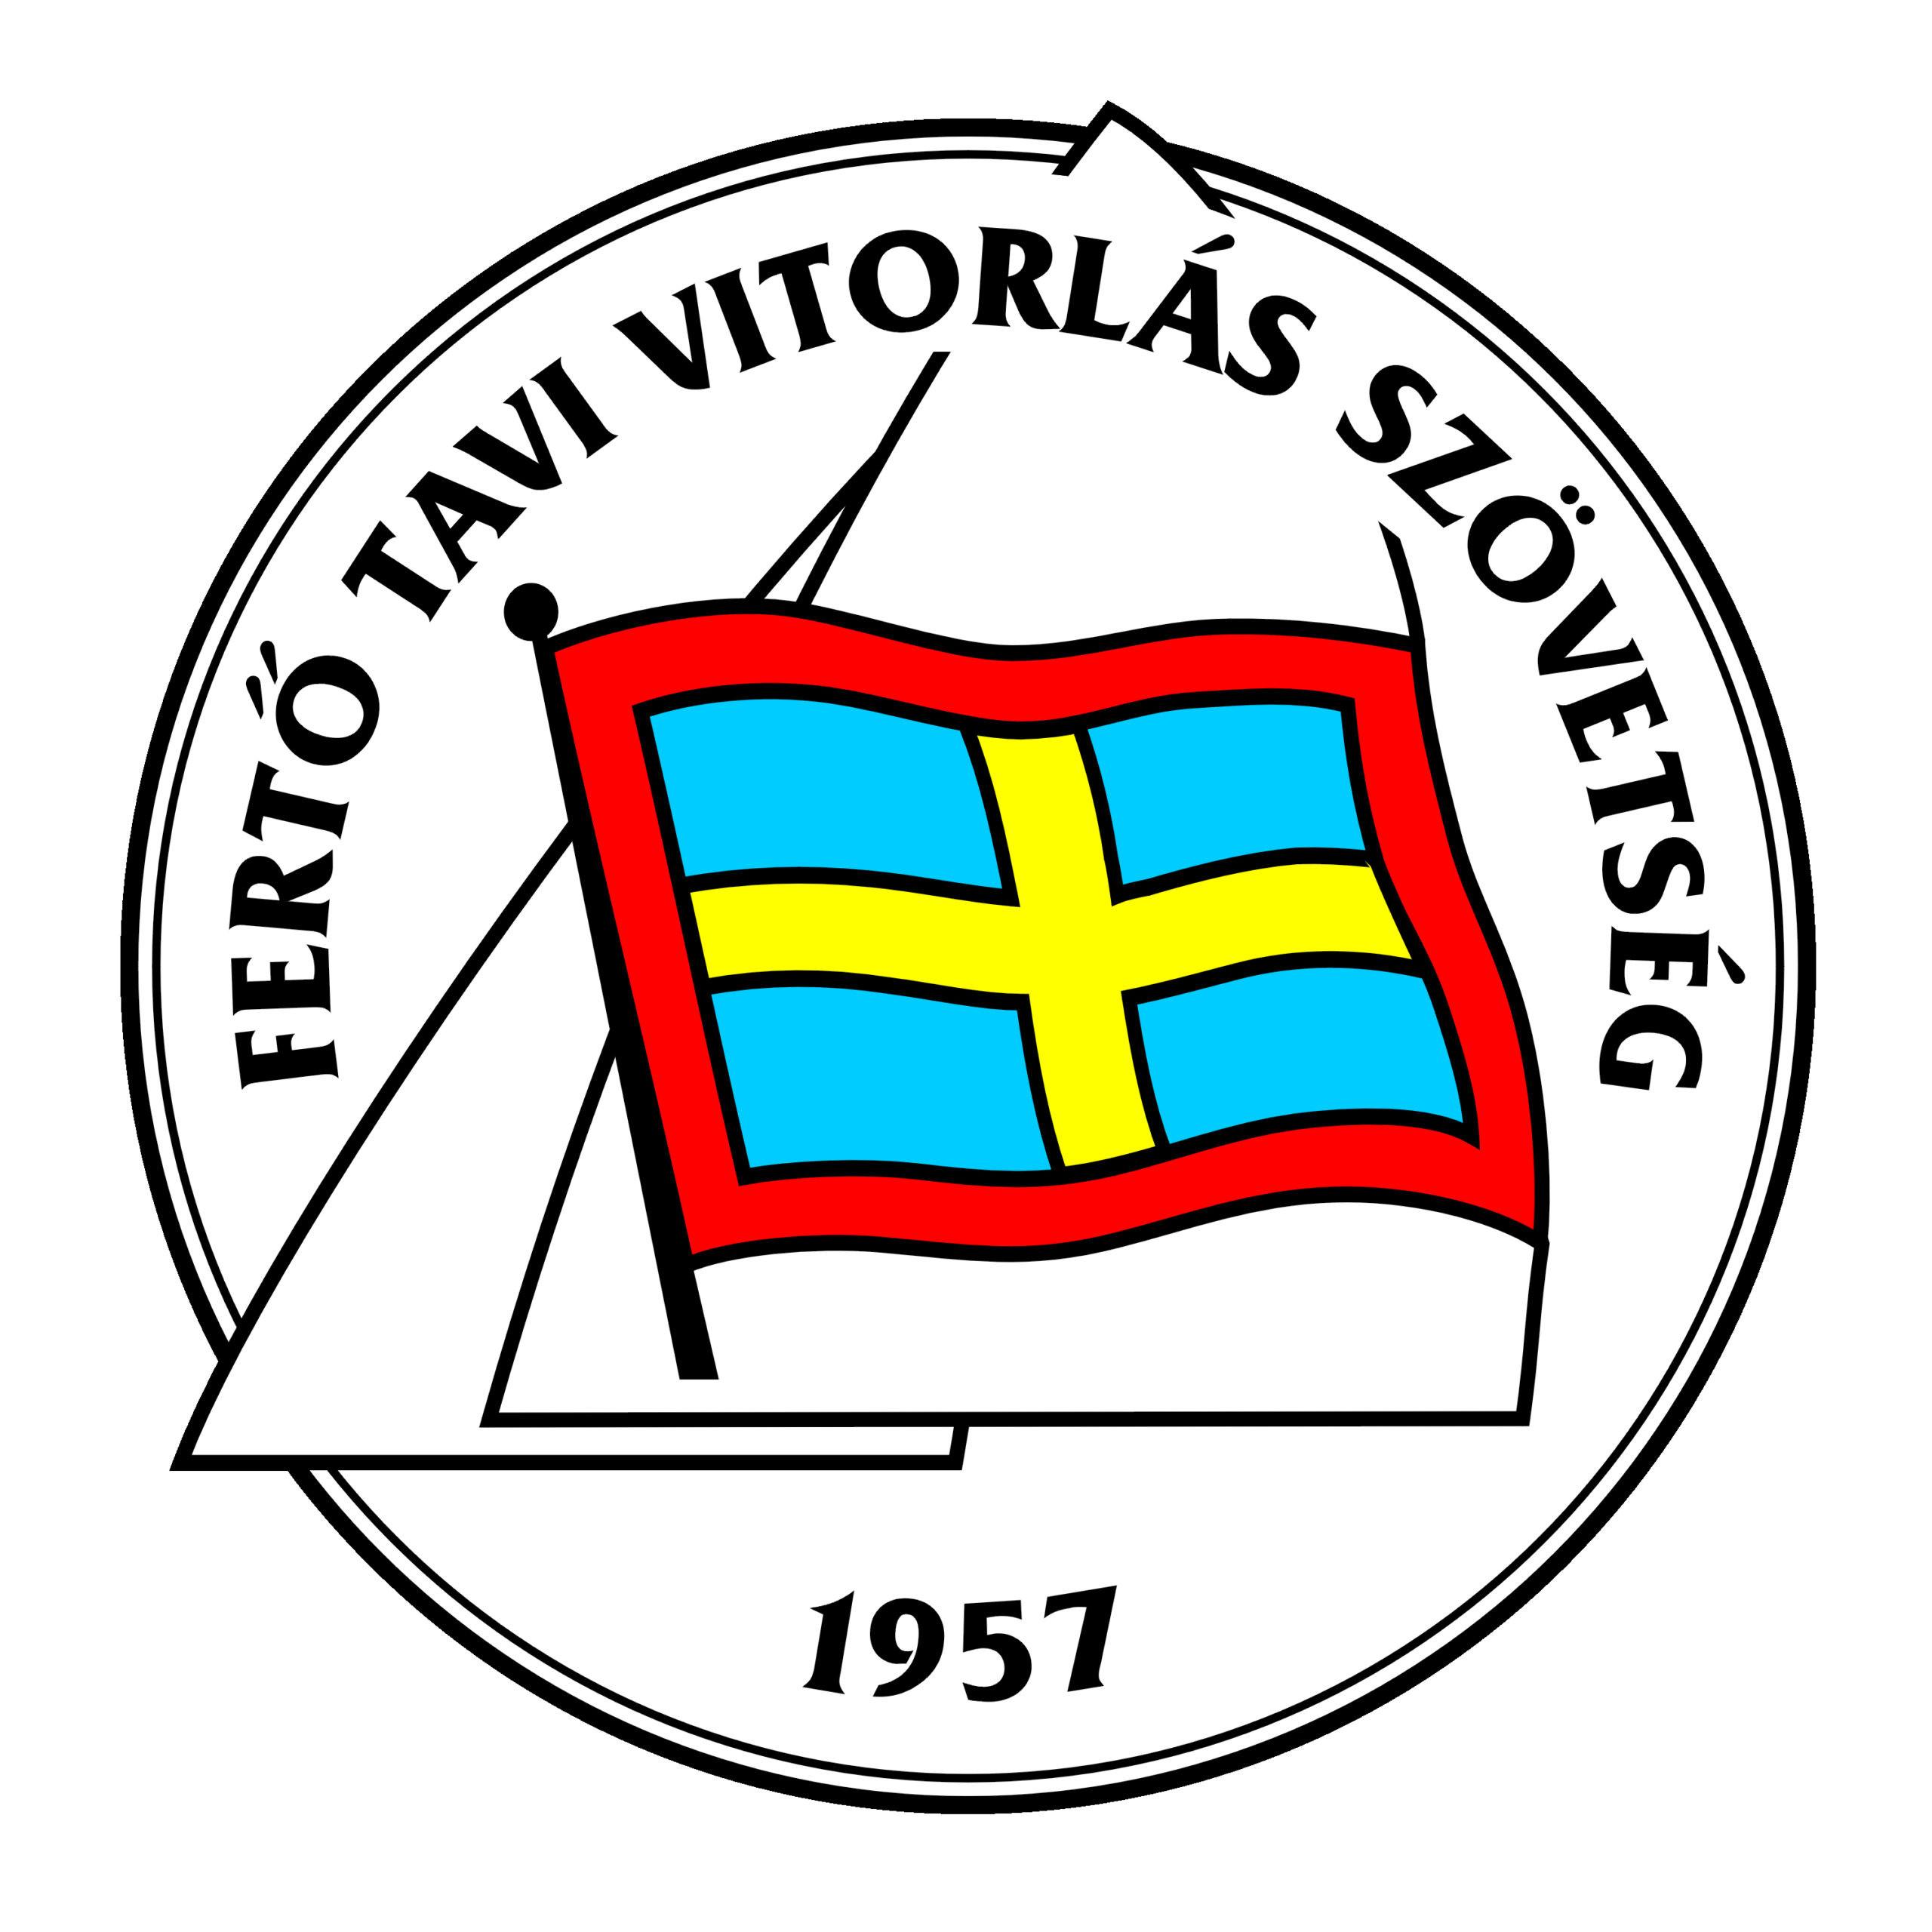 fvsz logo A4 1957 Kopie